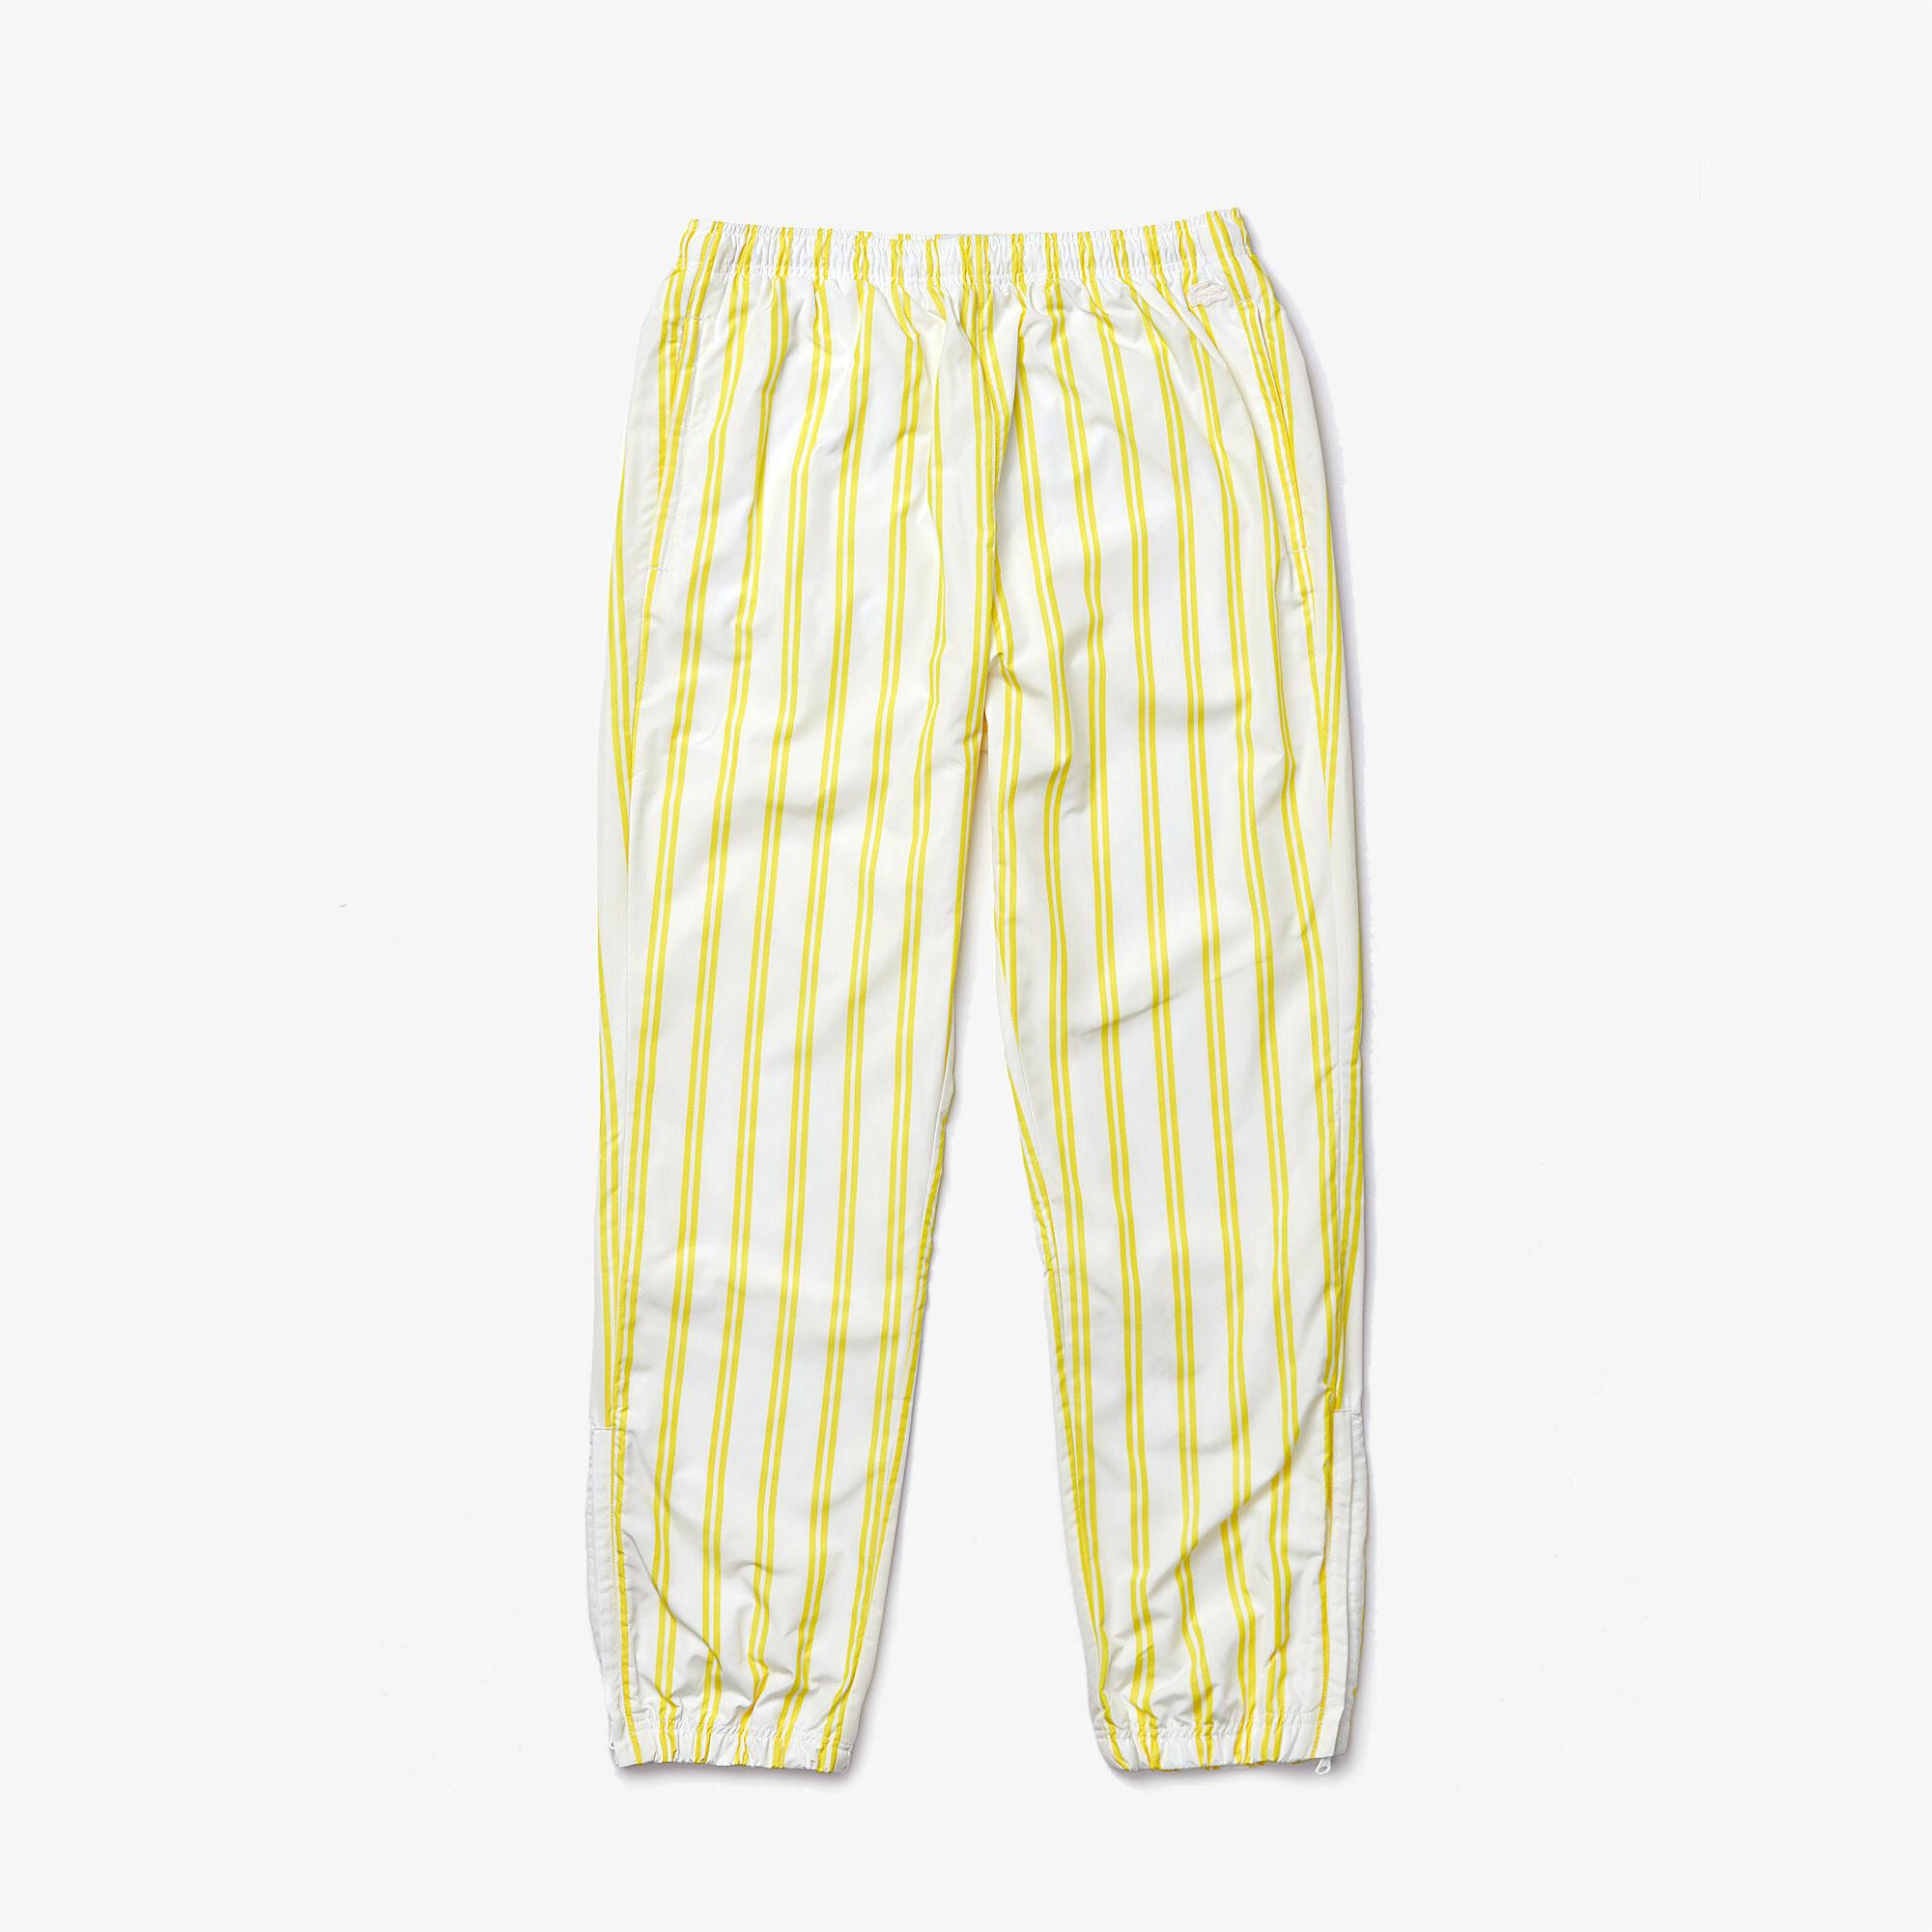 Unisex Lacoste LIVE Striped Tracksuit Pants